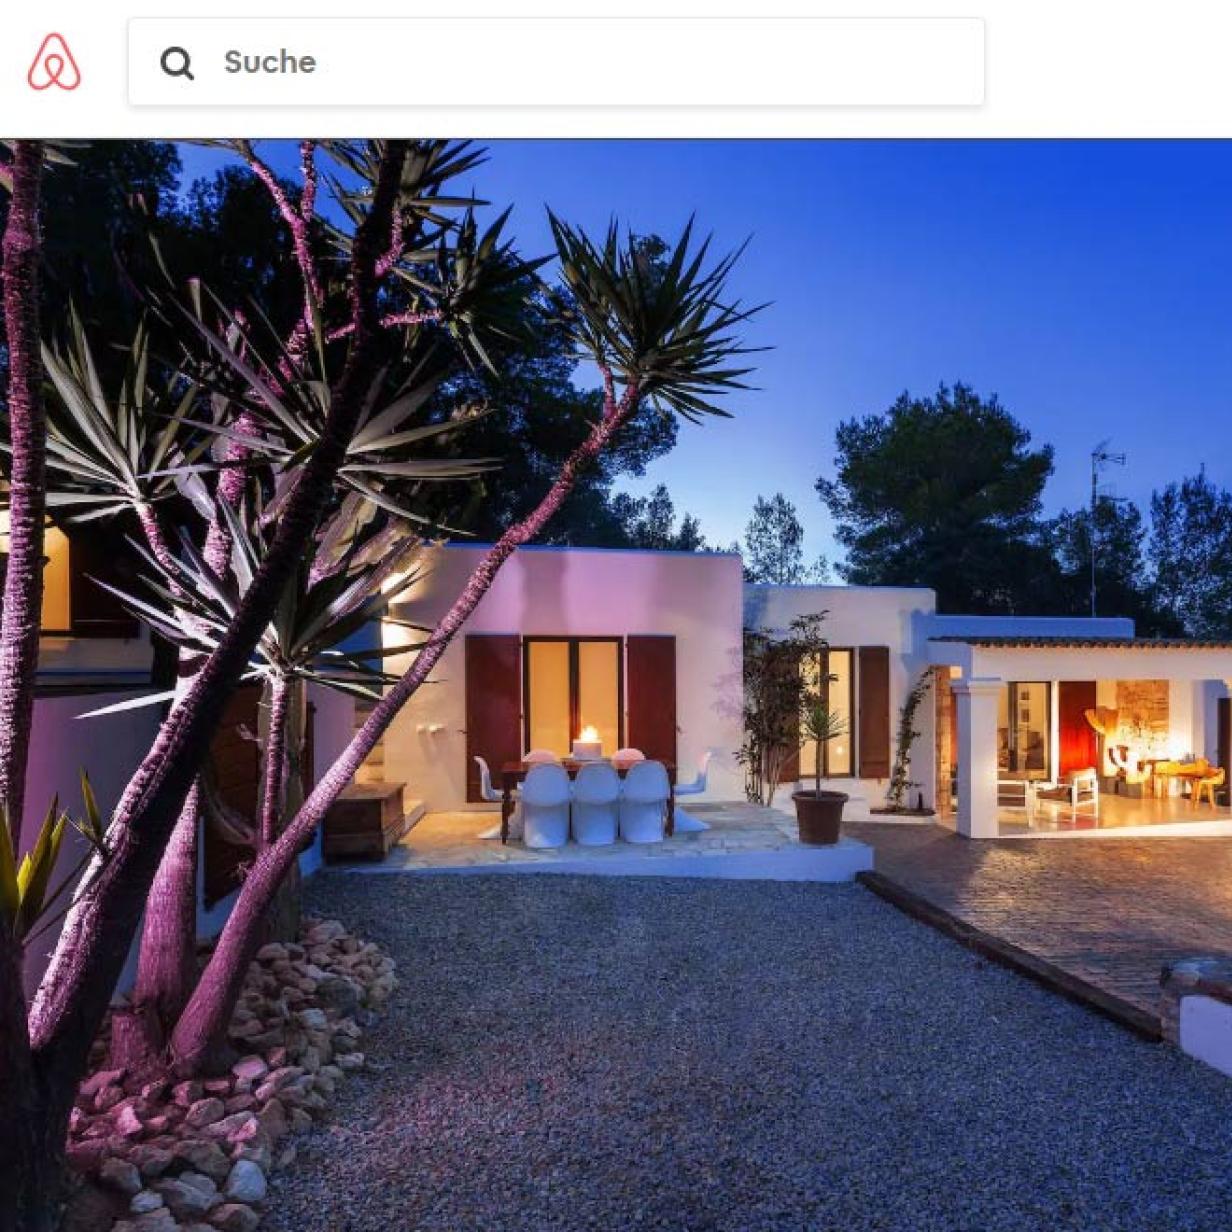 Der Schauplatz der Ibiza-Affäre ist auf Airbnb zu mieten